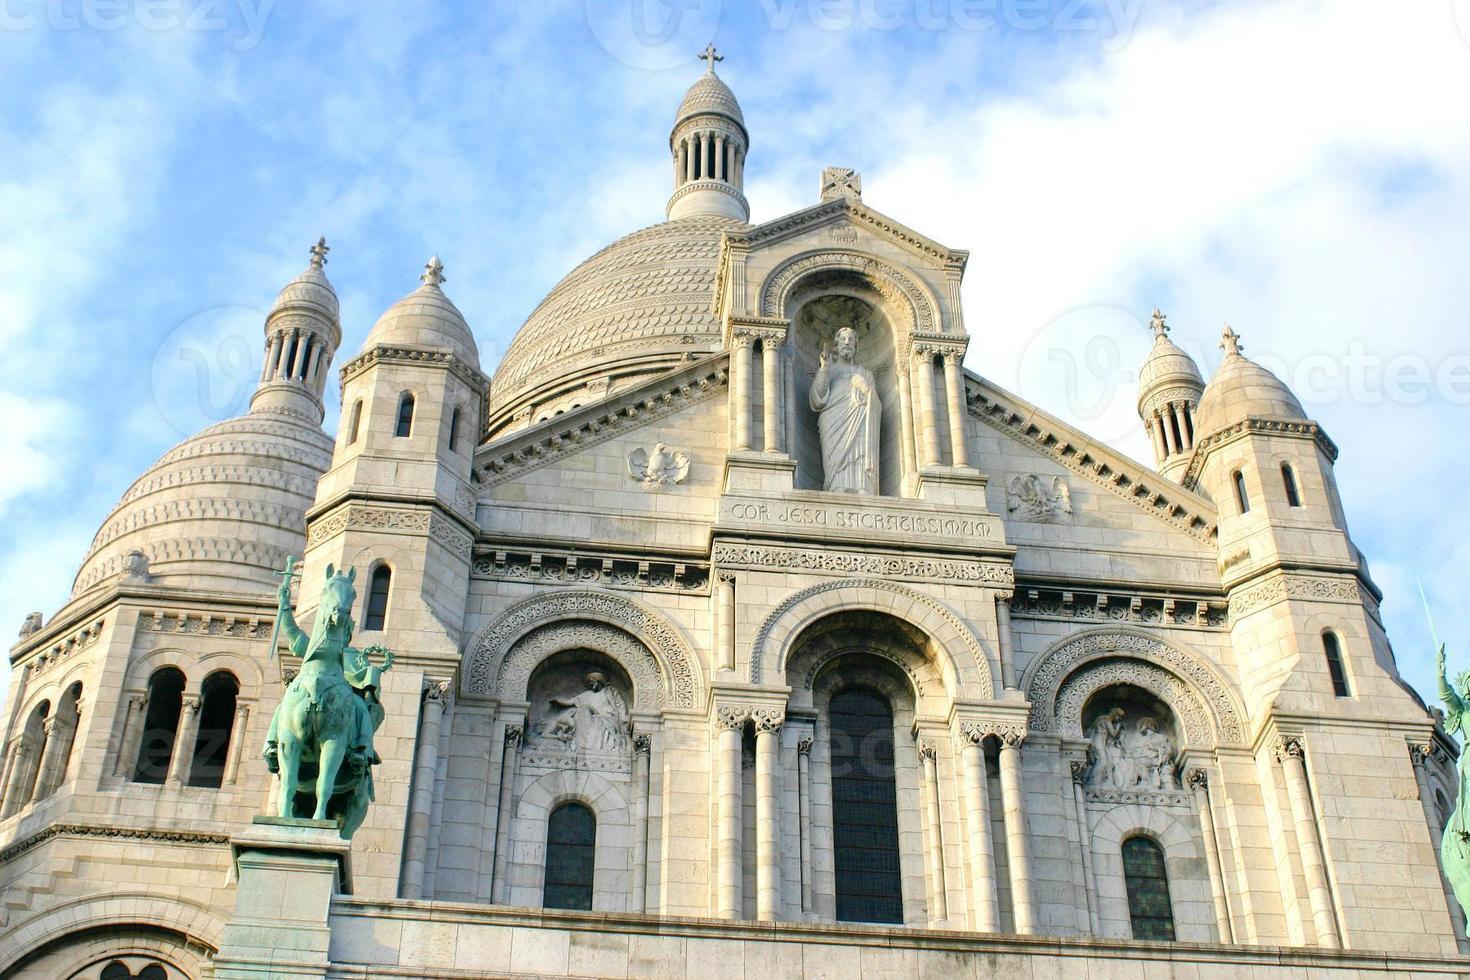 Sacre Coeur, Paris photo